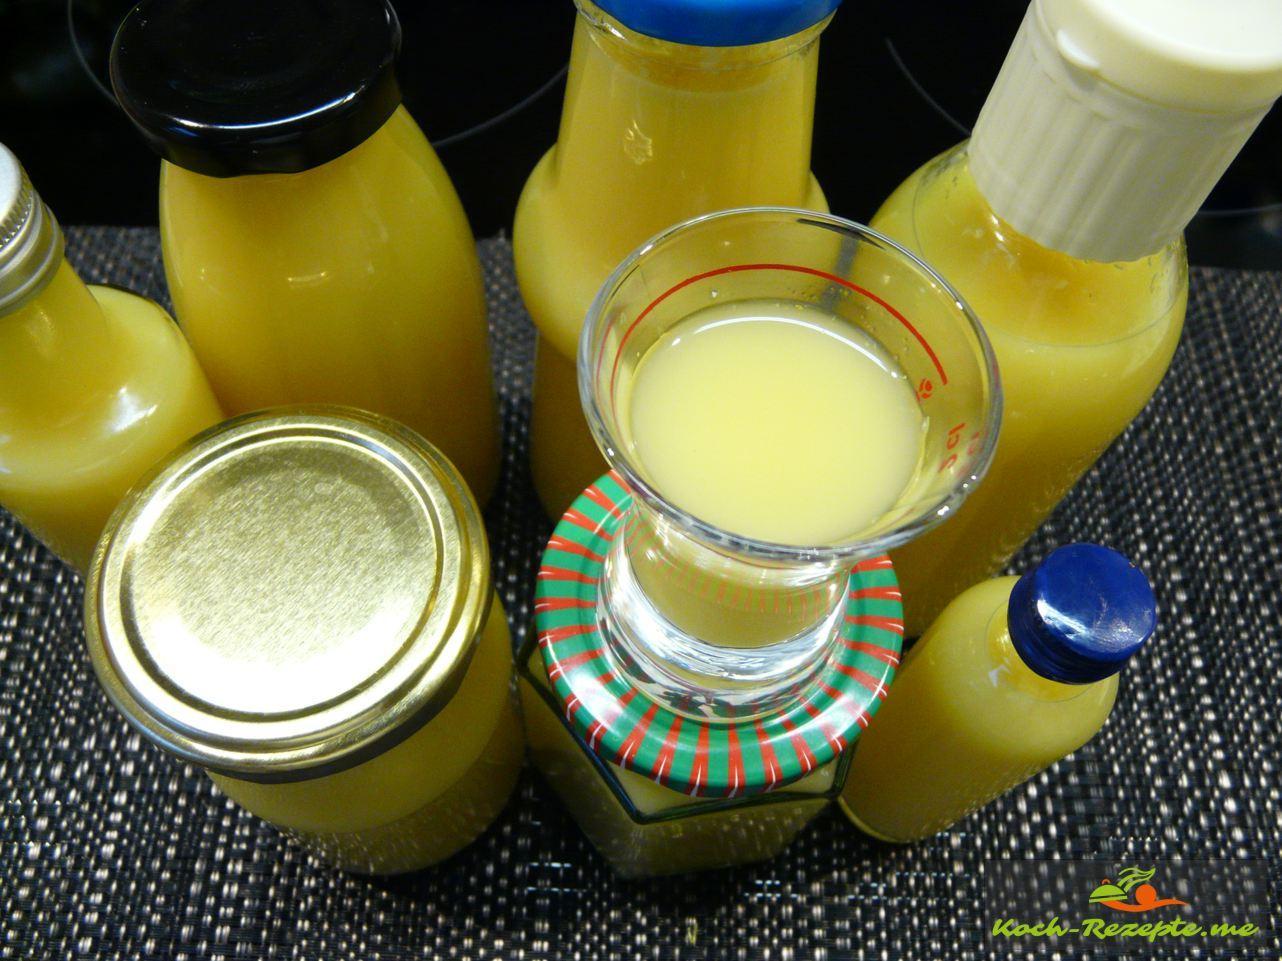 Fertig ist die Räucherknoblauch-Zitronen-Kur für 3 Wochen